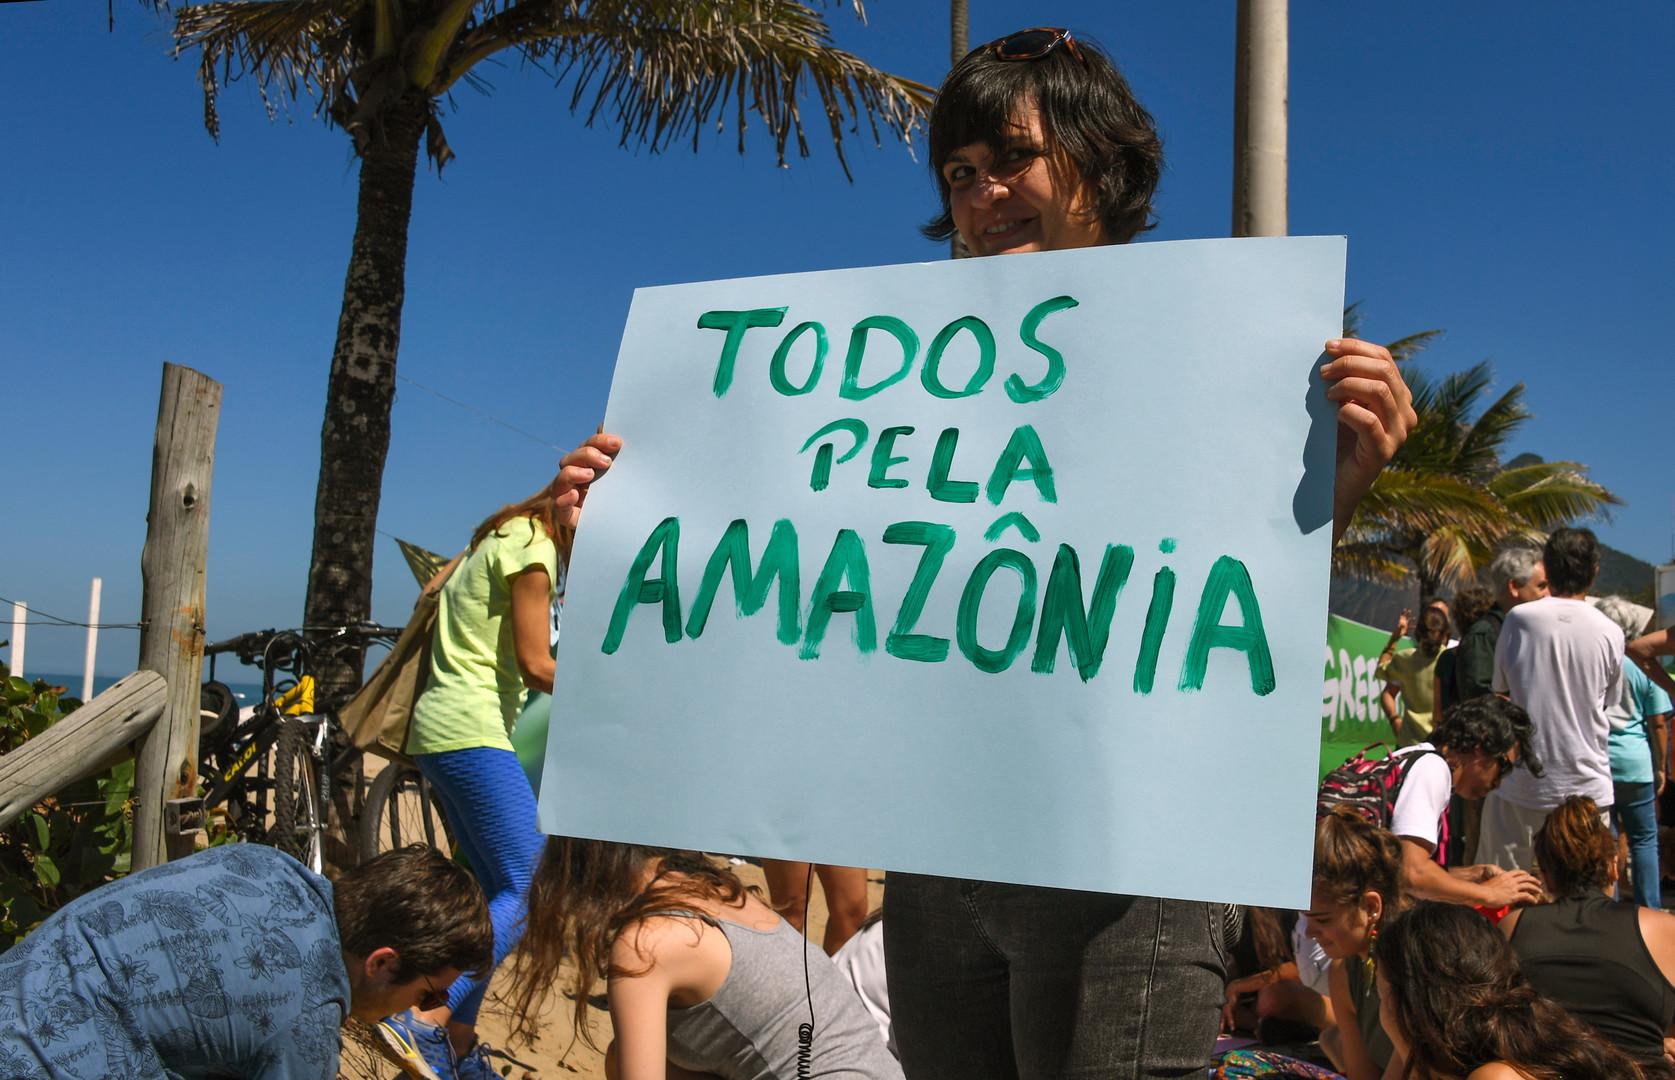 Le président brésilien Michel Temer, marionnette des lobbies de l'agroalimentaire ?